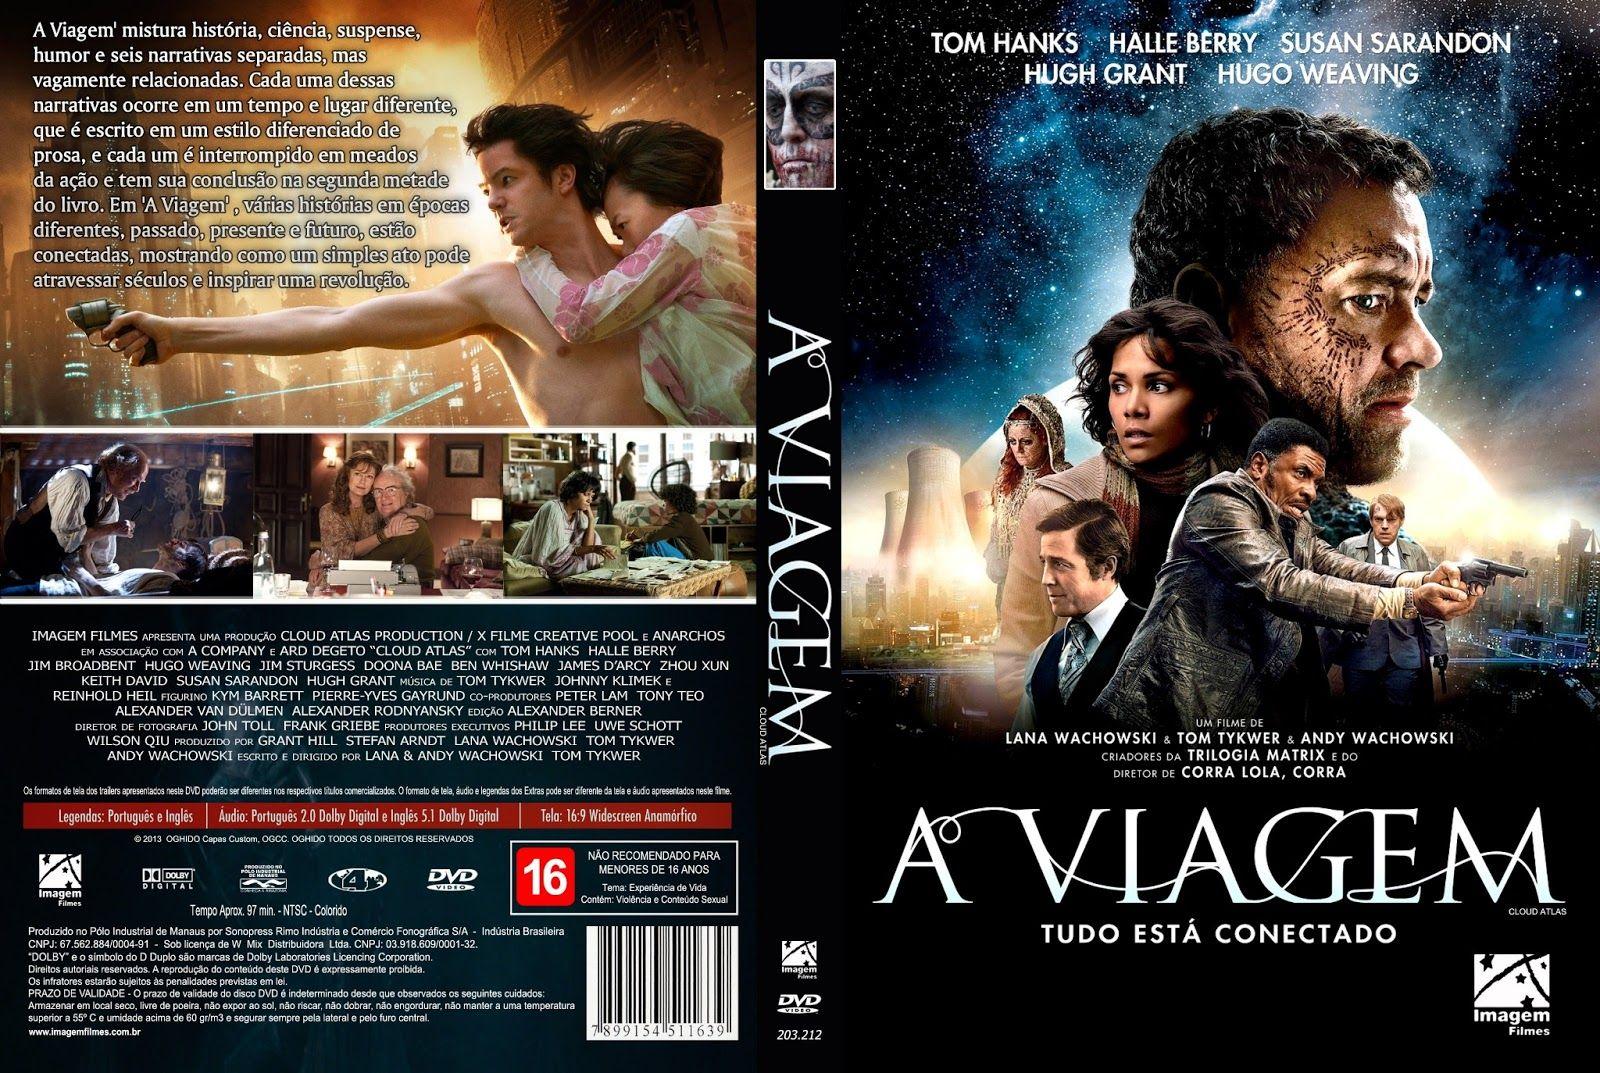 A Viagem 2012 Filmes Colecao A Viagem Filmes E Tom Hanks